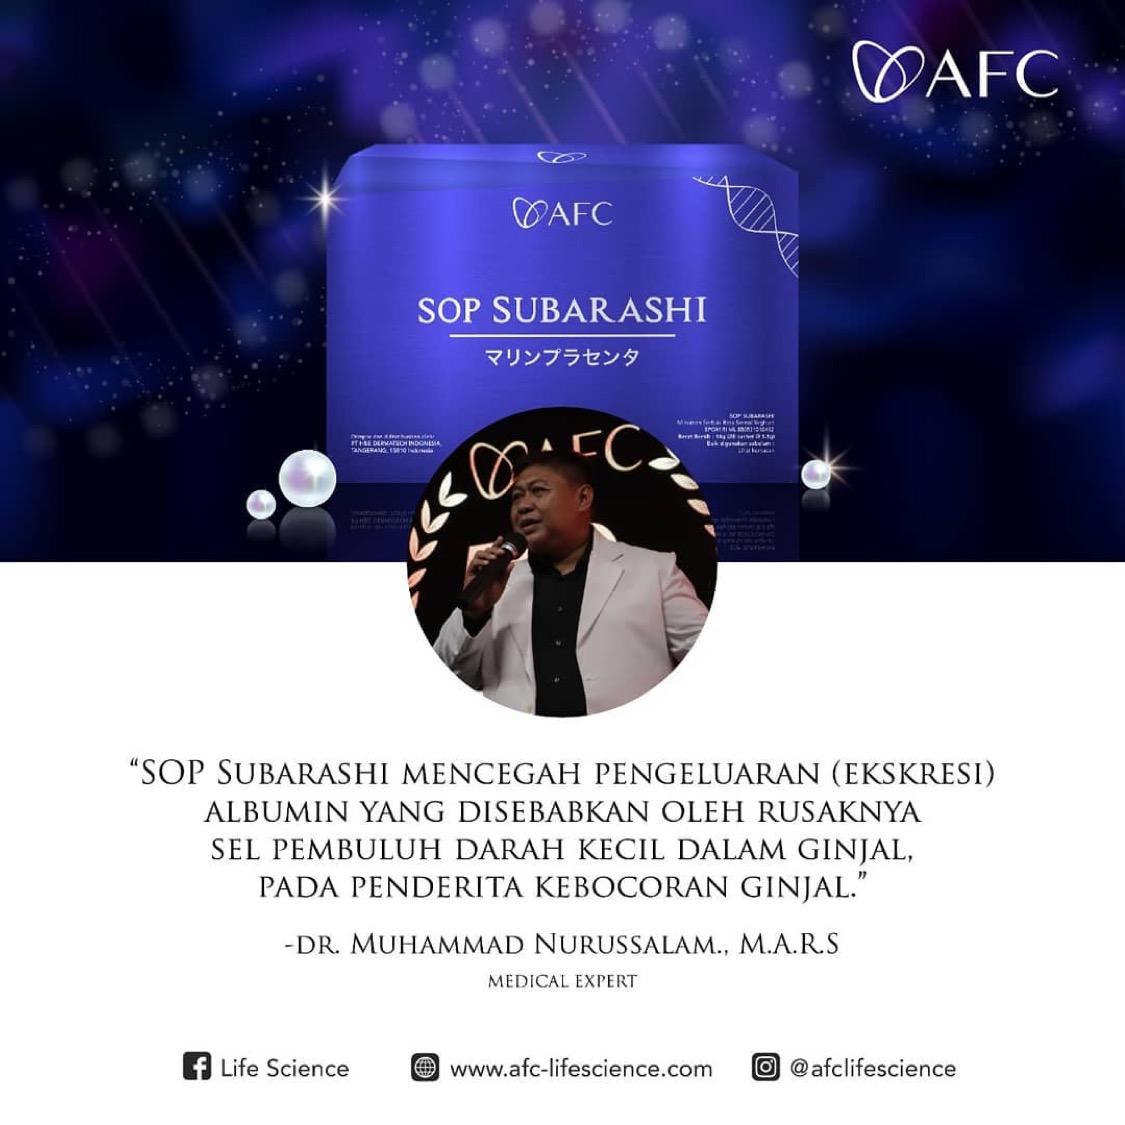 Testimoni SOP Subarashi dr. Muhammad Nurussalam, M.A.R.S